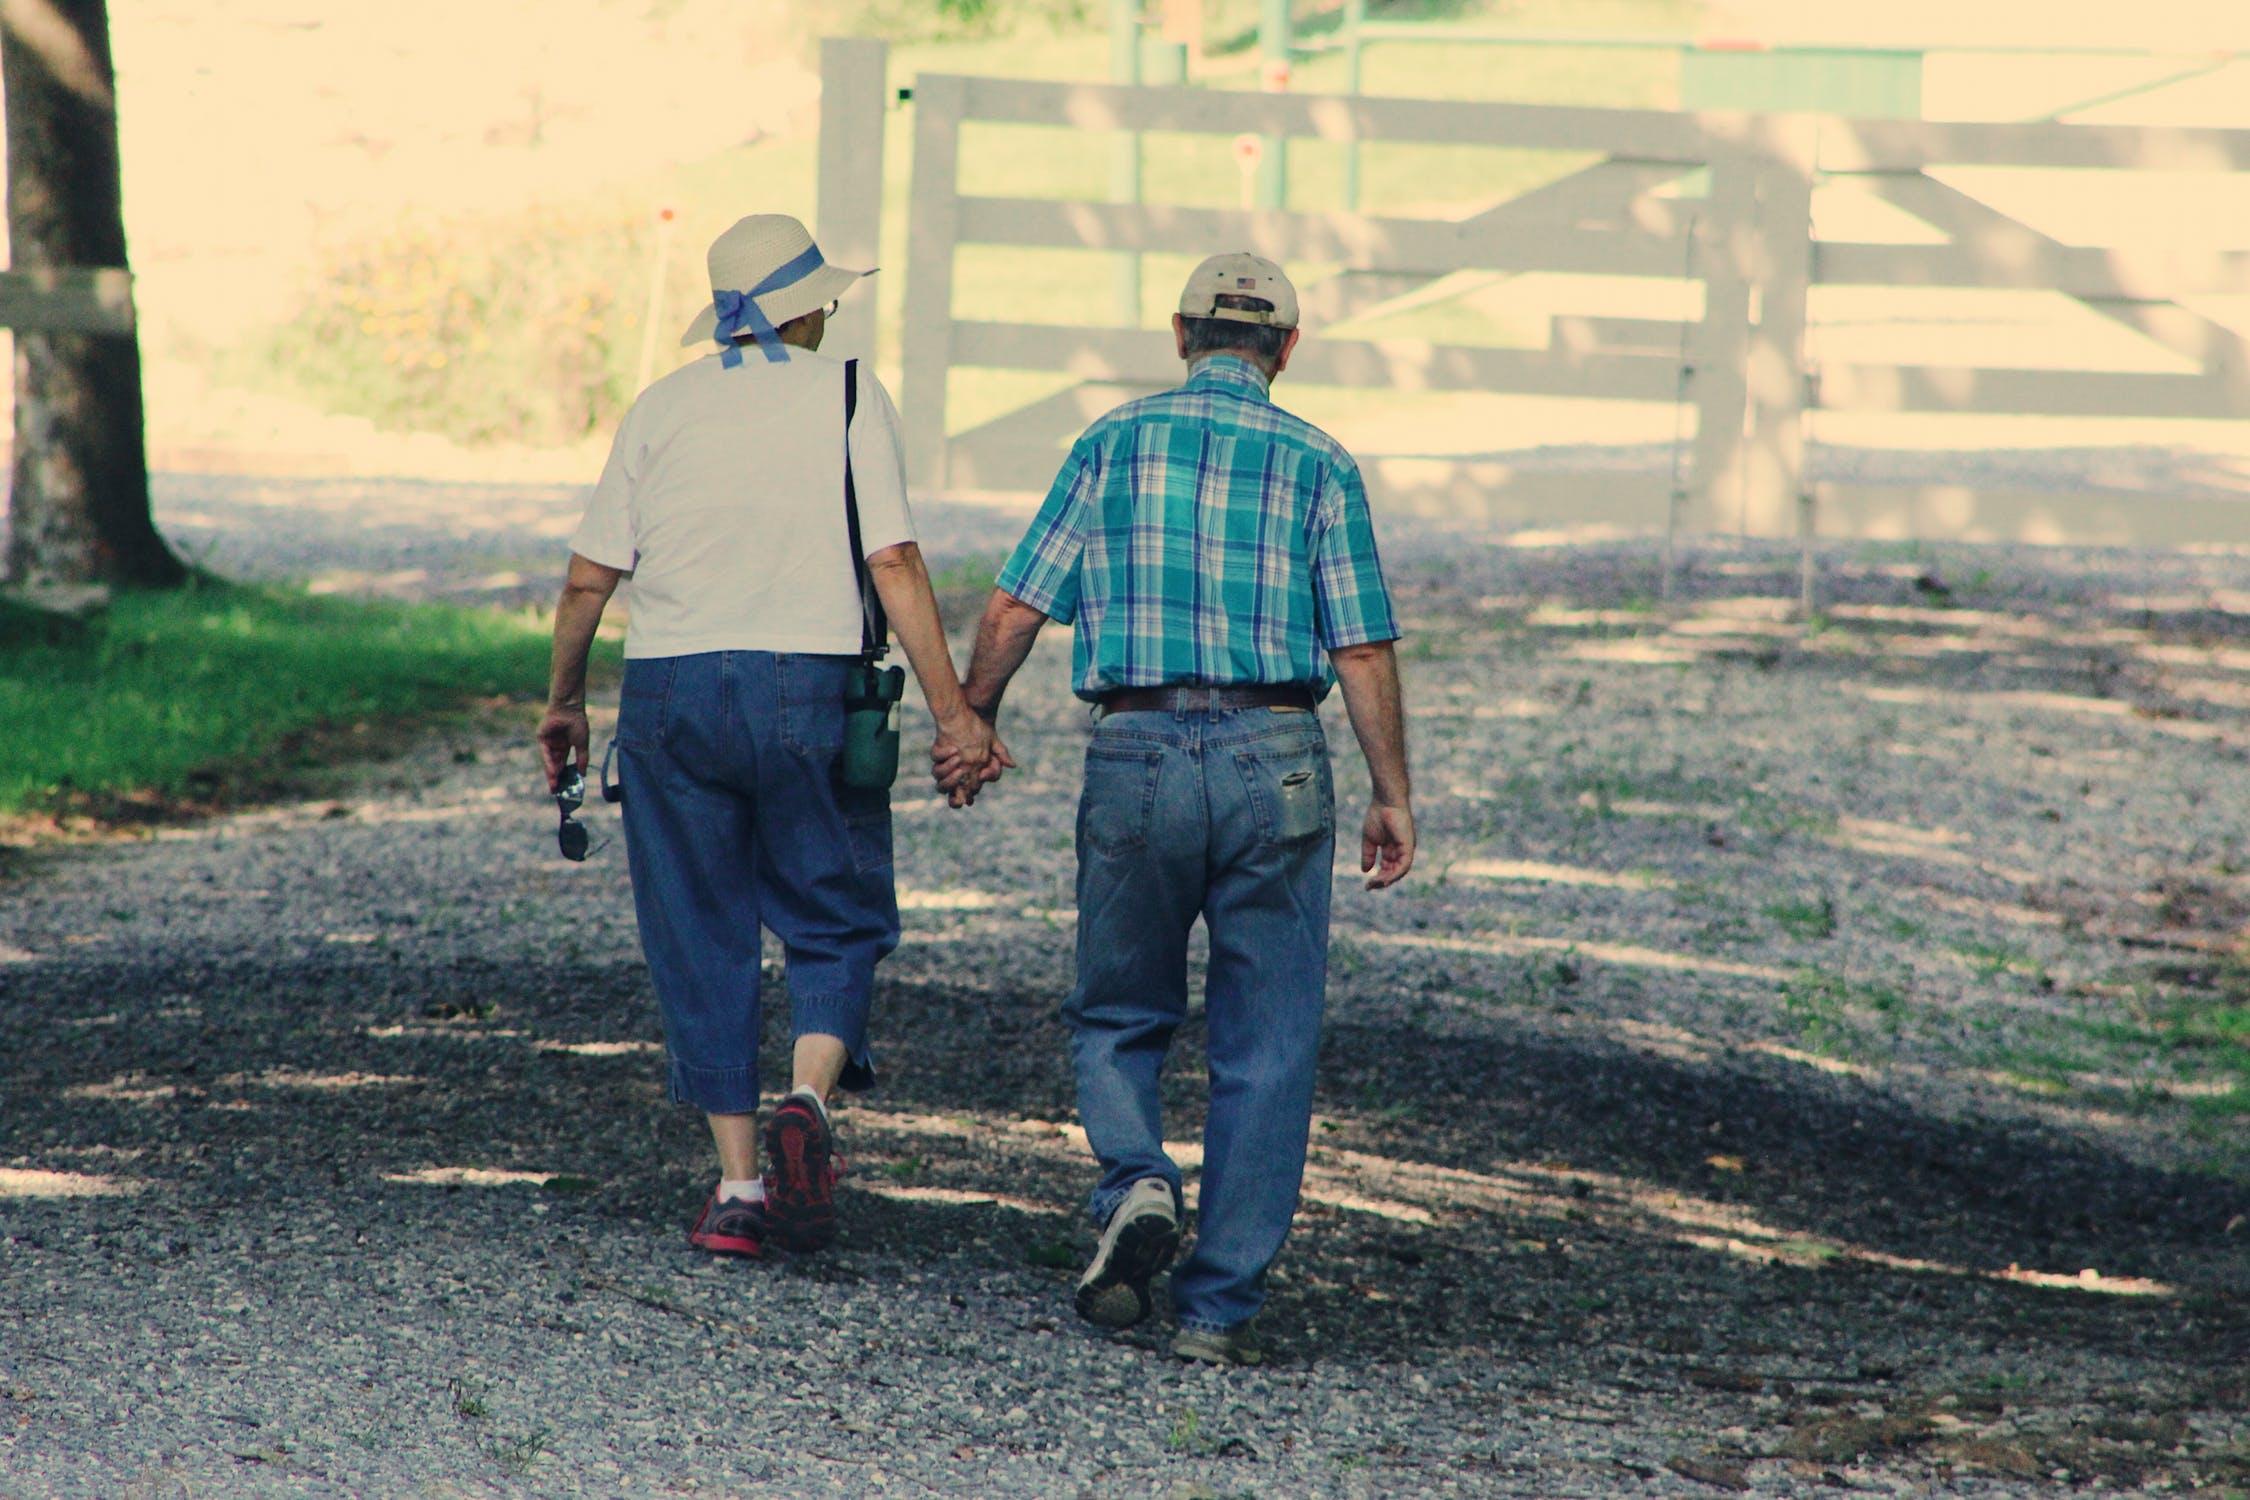 Pareja de ancianos paseando por un camino. | Imagen: Pexels